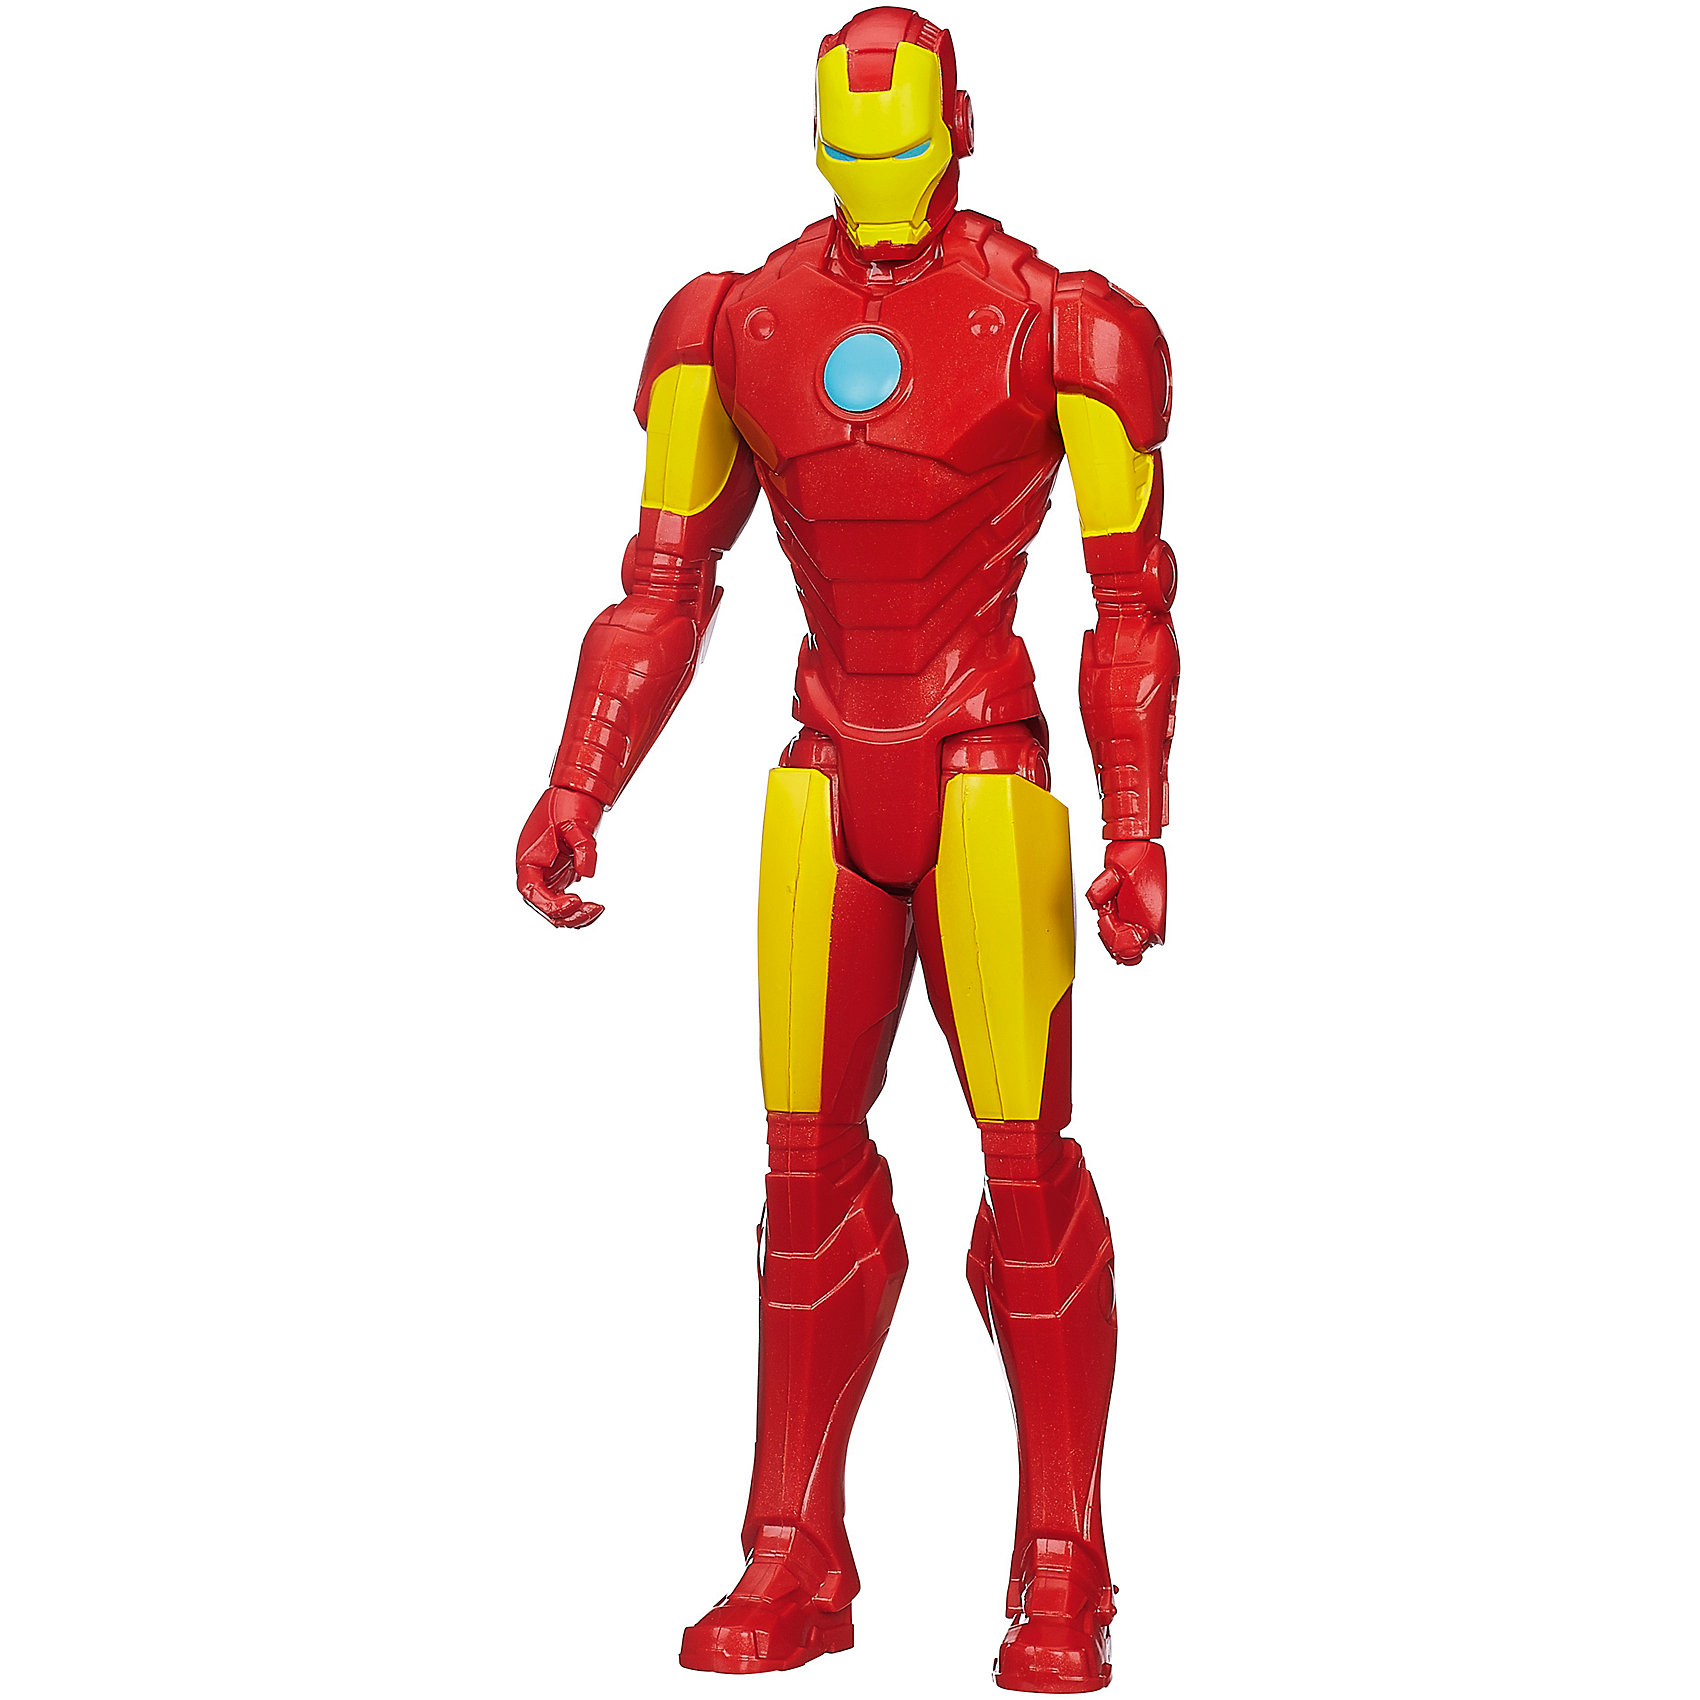 Титаны: Железный человек, 30 см, Marvel HeroesФигурка Титаны: Железный человек, Marvel Heroes станет приятным сюрпризом для Вашего ребенка, особенно если он является поклонником популярных комиксов и фильмов о супергероях Мстители (Avengers) . Большая фигурка Железного человека выполнена с высокой степенью детализации и полностью повторяет своего экранного персонажа. Теперь можно разыгрывать по-настоящему масштабные сражения с любимым персонажем. У фигурки подвижные части тела в пяти местах.<br><br>Дополнительная информация:<br><br>- Материал: пластик.<br>- Высота фигурки: 30 см.<br>- Вес: 0,3 кг. <br><br>Фигурку Титаны: Железный человек, Marvel Heroes можно купить в нашем интернет-магазине.<br><br>Ширина мм: 310<br>Глубина мм: 104<br>Высота мм: 55<br>Вес г: 236<br>Возраст от месяцев: 48<br>Возраст до месяцев: 96<br>Пол: Мужской<br>Возраст: Детский<br>SKU: 3934888